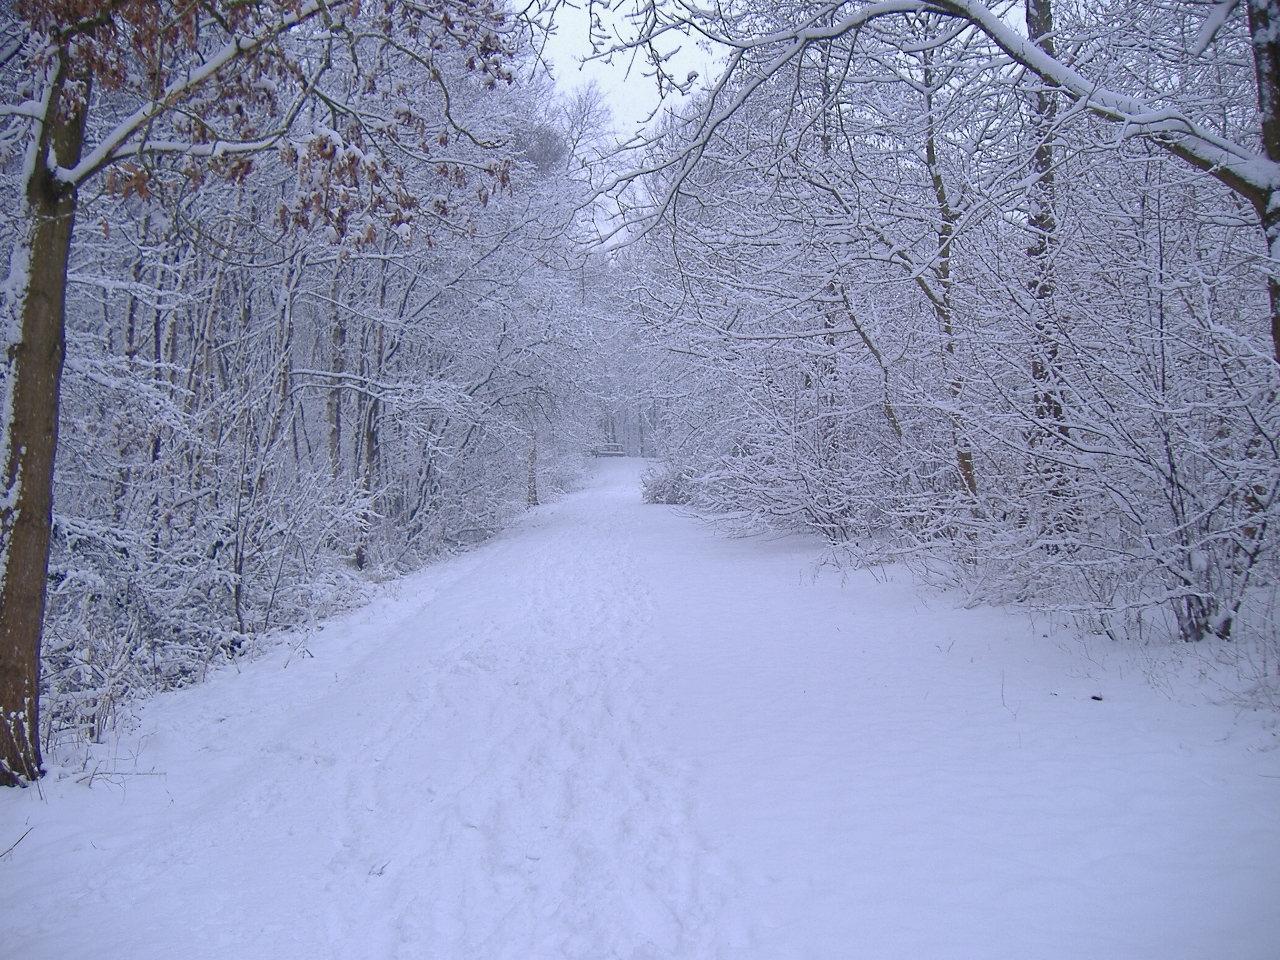 Winter scene wallpaper 27